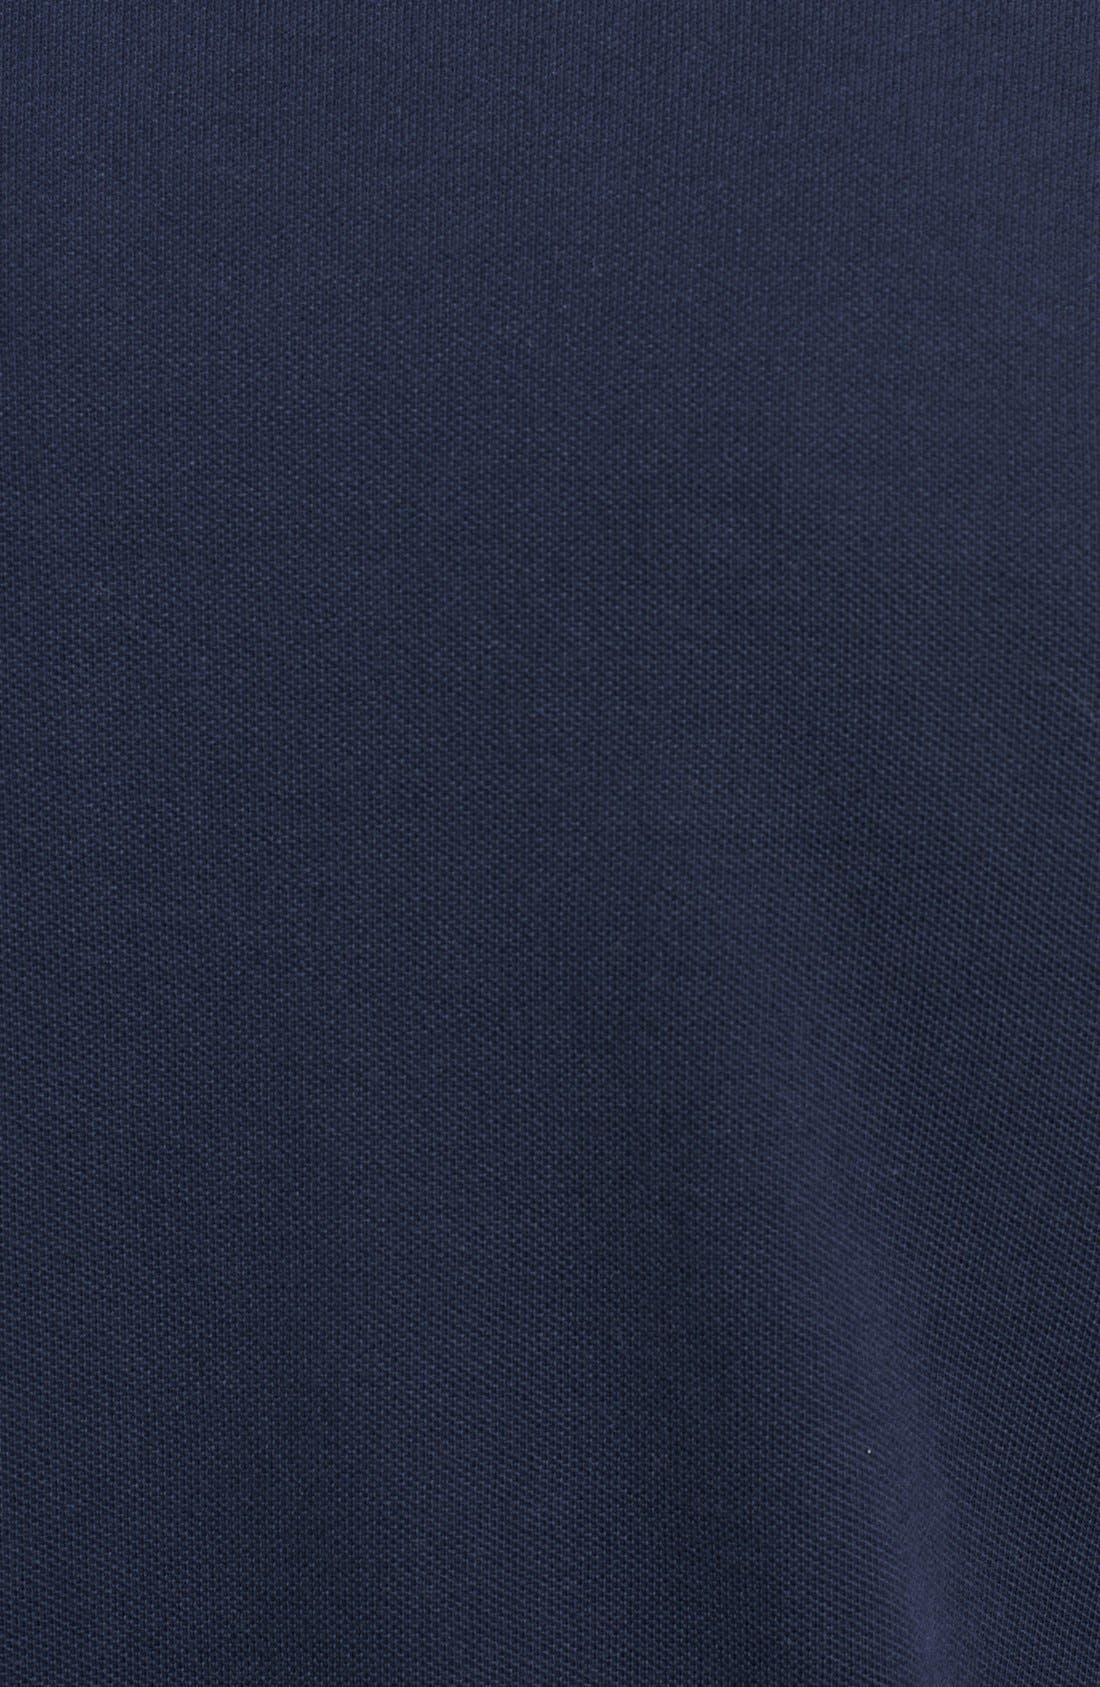 Alternate Image 3  - Vilebrequin 'Plongeroir' Piqué Polo